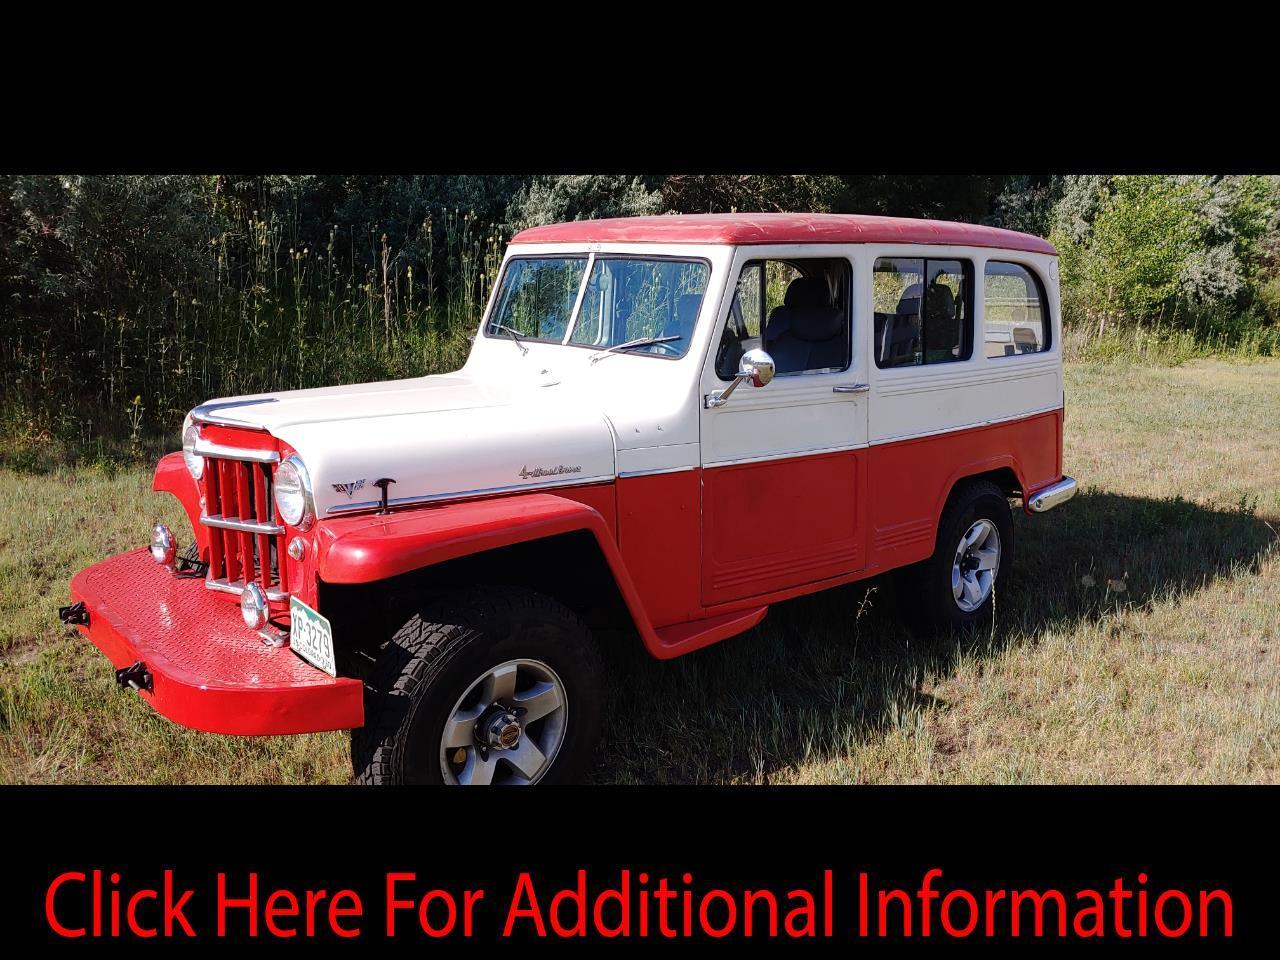 1960 Willys Jeep Wagon